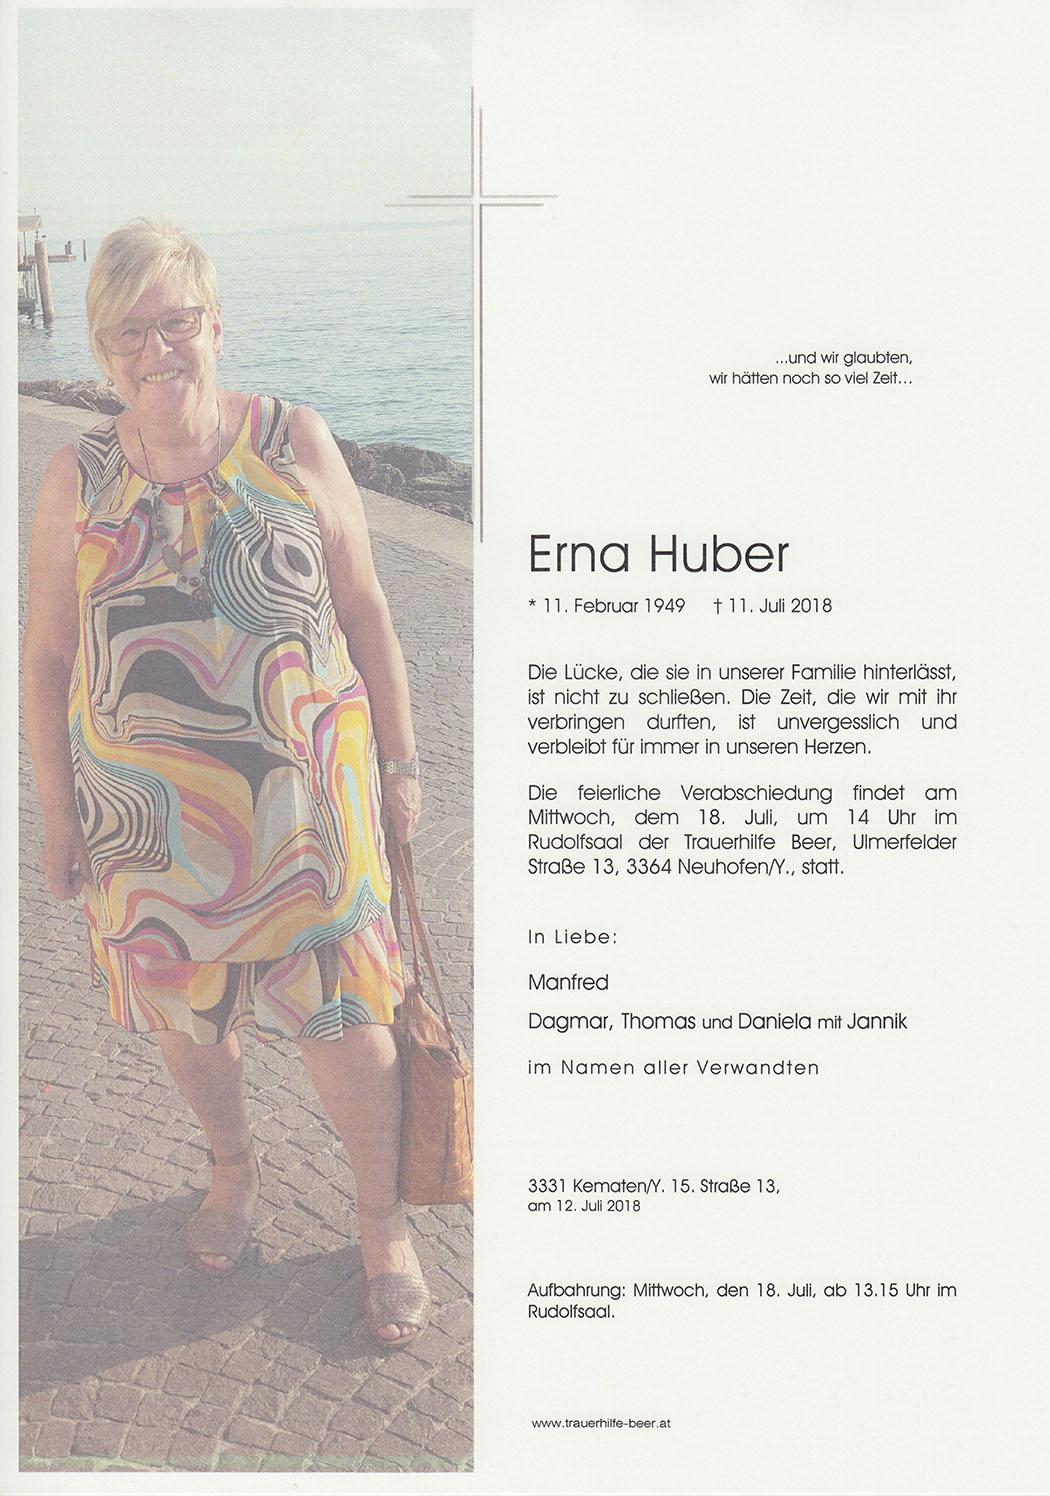 Erna Huber